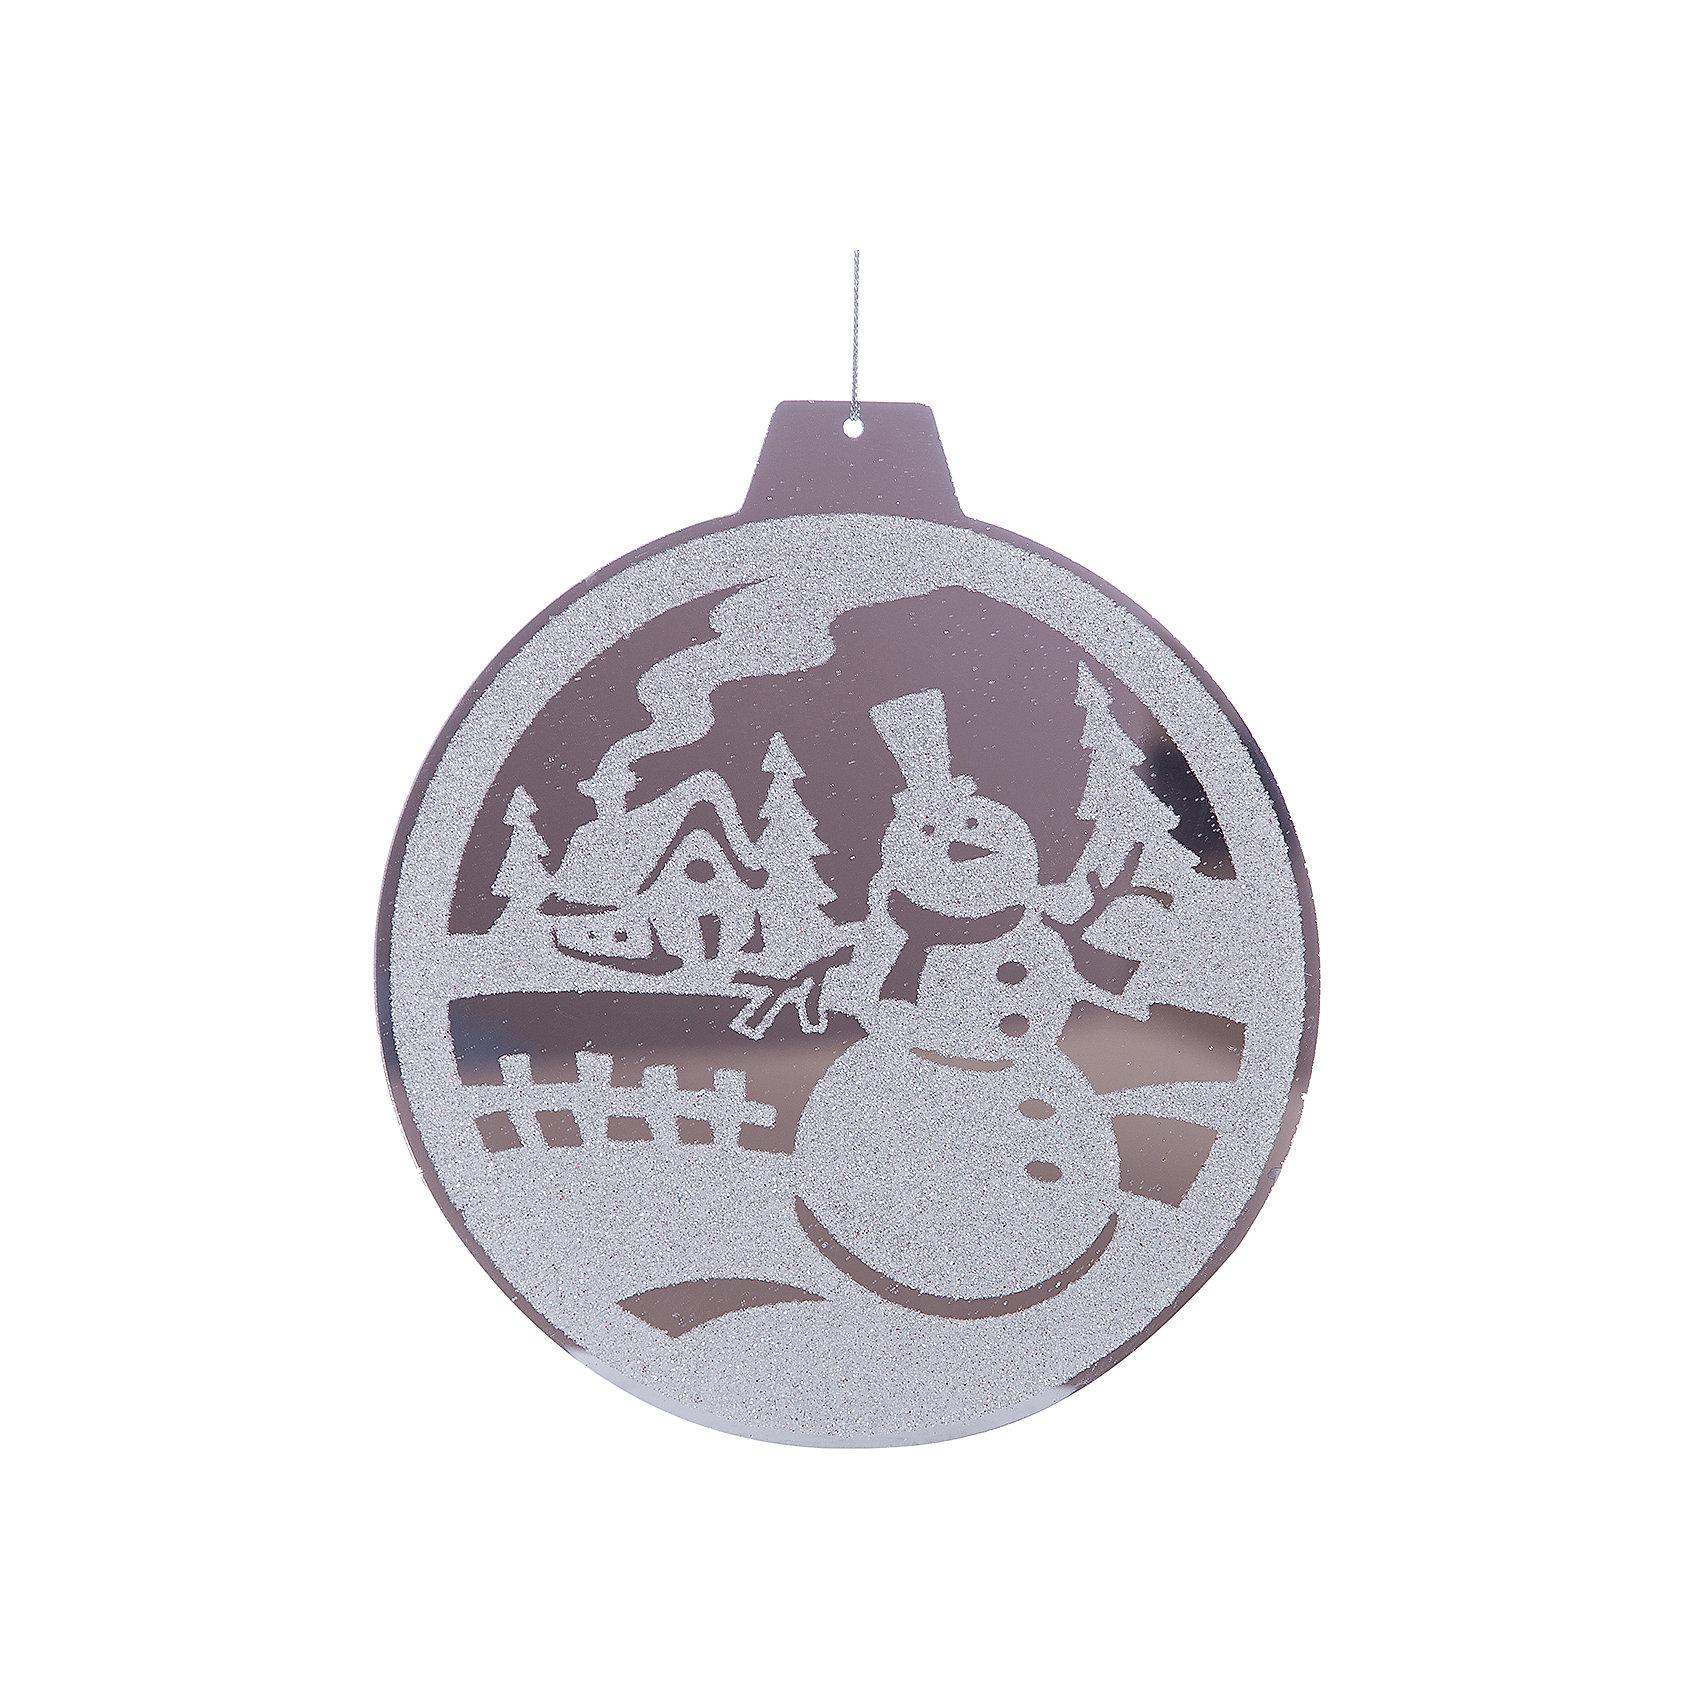 Зеркальное новогоднее украшение (диаметр 15 см), в ассортиментеЗеркальное новогоднее украшение, в ассортименте – этот новогодний аксессуар создаст в доме волшебную праздничную атмосферу.<br>Зеркальное новогоднее украшение замечательно украсит Ваш новогодний интерьер и создаст праздничное настроение! В ассортименте представлены 2 цвета. Украшение также послужит замечательным подарком близким и друзьям!<br><br>Дополнительная информация:<br>- В ассортименте: 2 цвета<br>- Диаметр: 15 см.<br><br>- ВНИМАНИЕ! Данный артикул представлен в разных вариантах исполнения. К сожалению, заранее выбрать определенный вариант невозможно. При заказе нескольких наборов возможно получение одинаковых<br><br>Зеркальное новогоднее украшение, в ассортименте можно купить в нашем интернет-магазине.<br><br>Ширина мм: 10<br>Глубина мм: 150<br>Высота мм: 150<br>Вес г: 100<br>Возраст от месяцев: 36<br>Возраст до месяцев: 1188<br>Пол: Унисекс<br>Возраст: Детский<br>SKU: 4262244